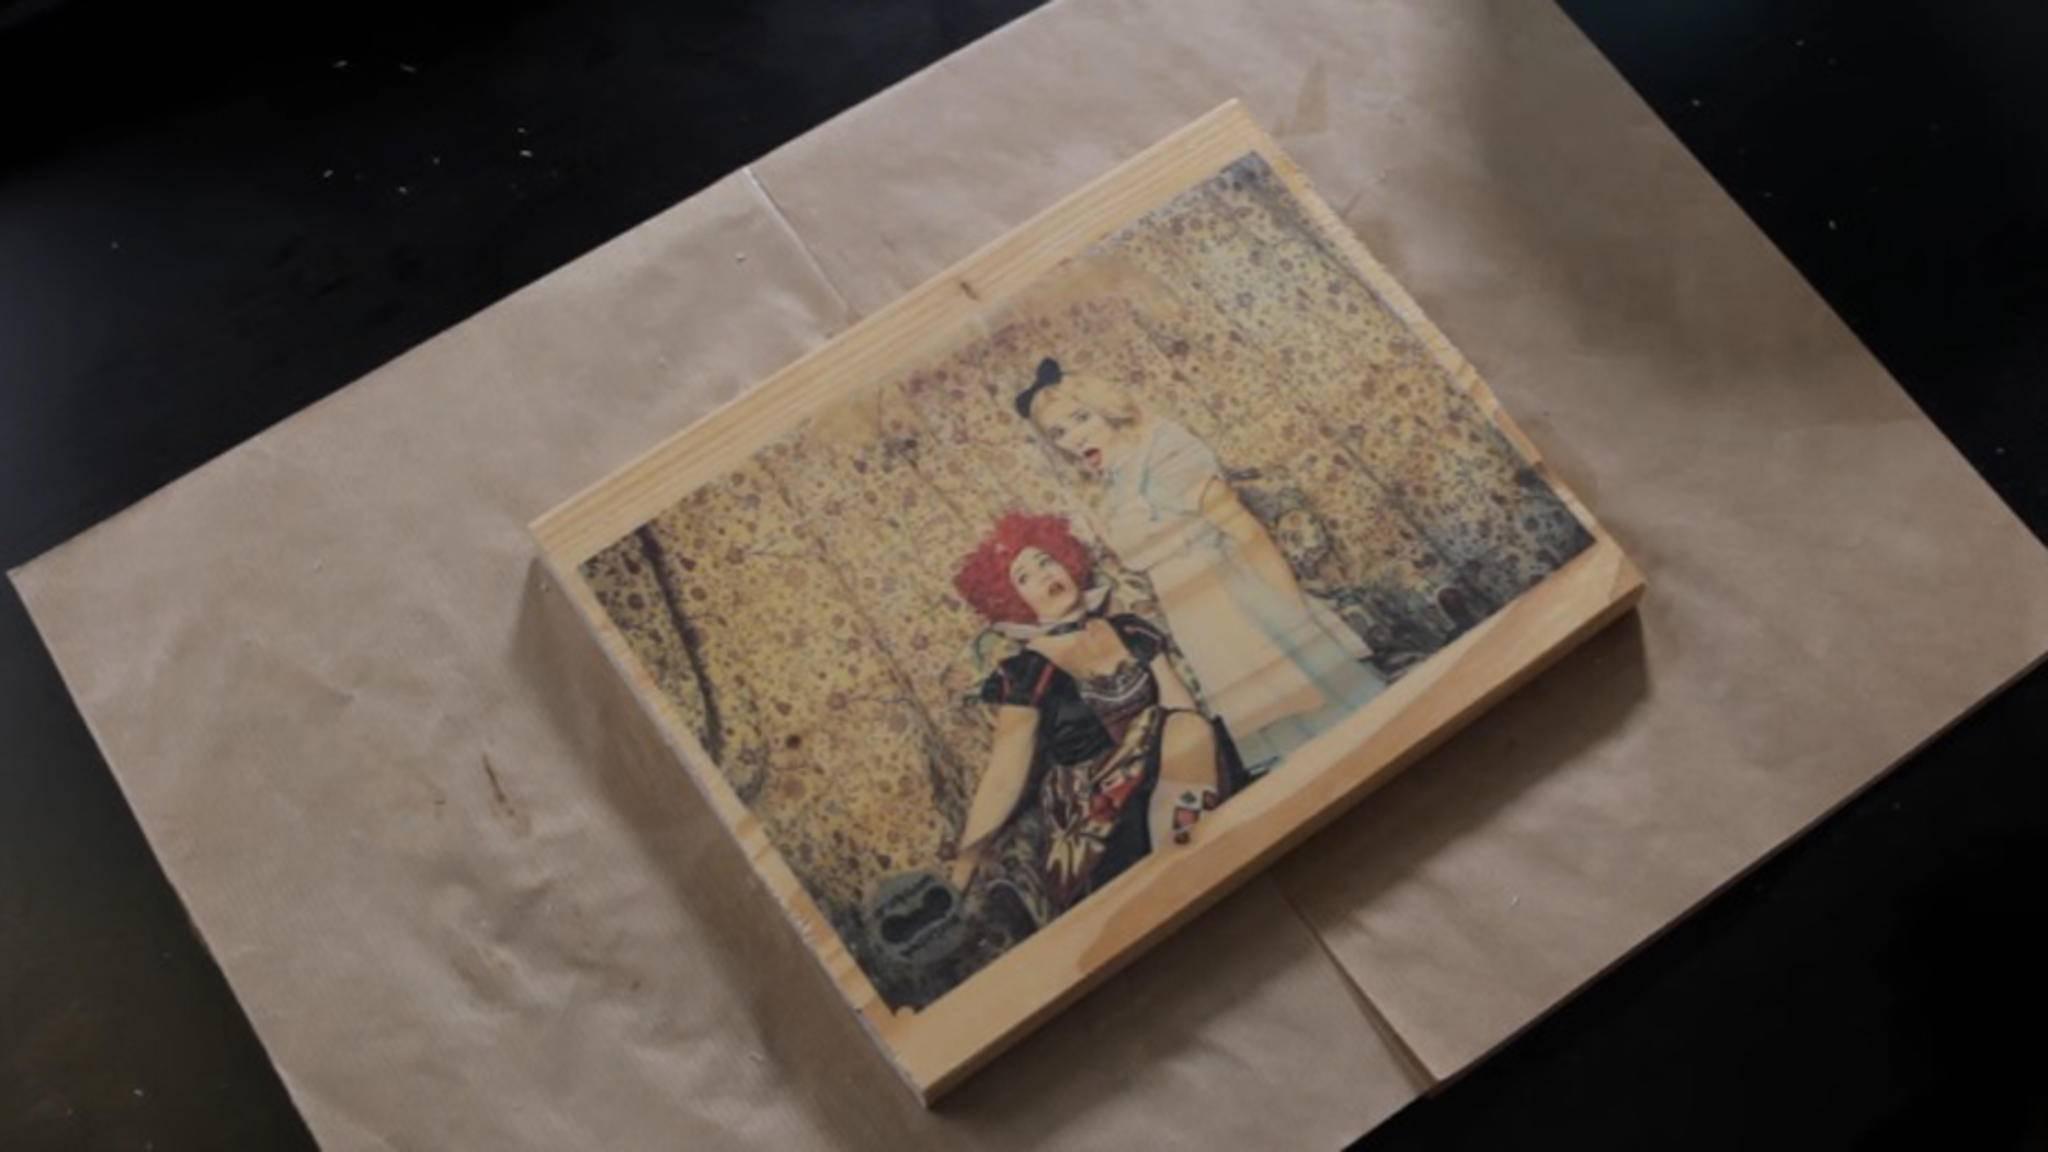 Fotos auf Holz haben einen rustikalen Touch.